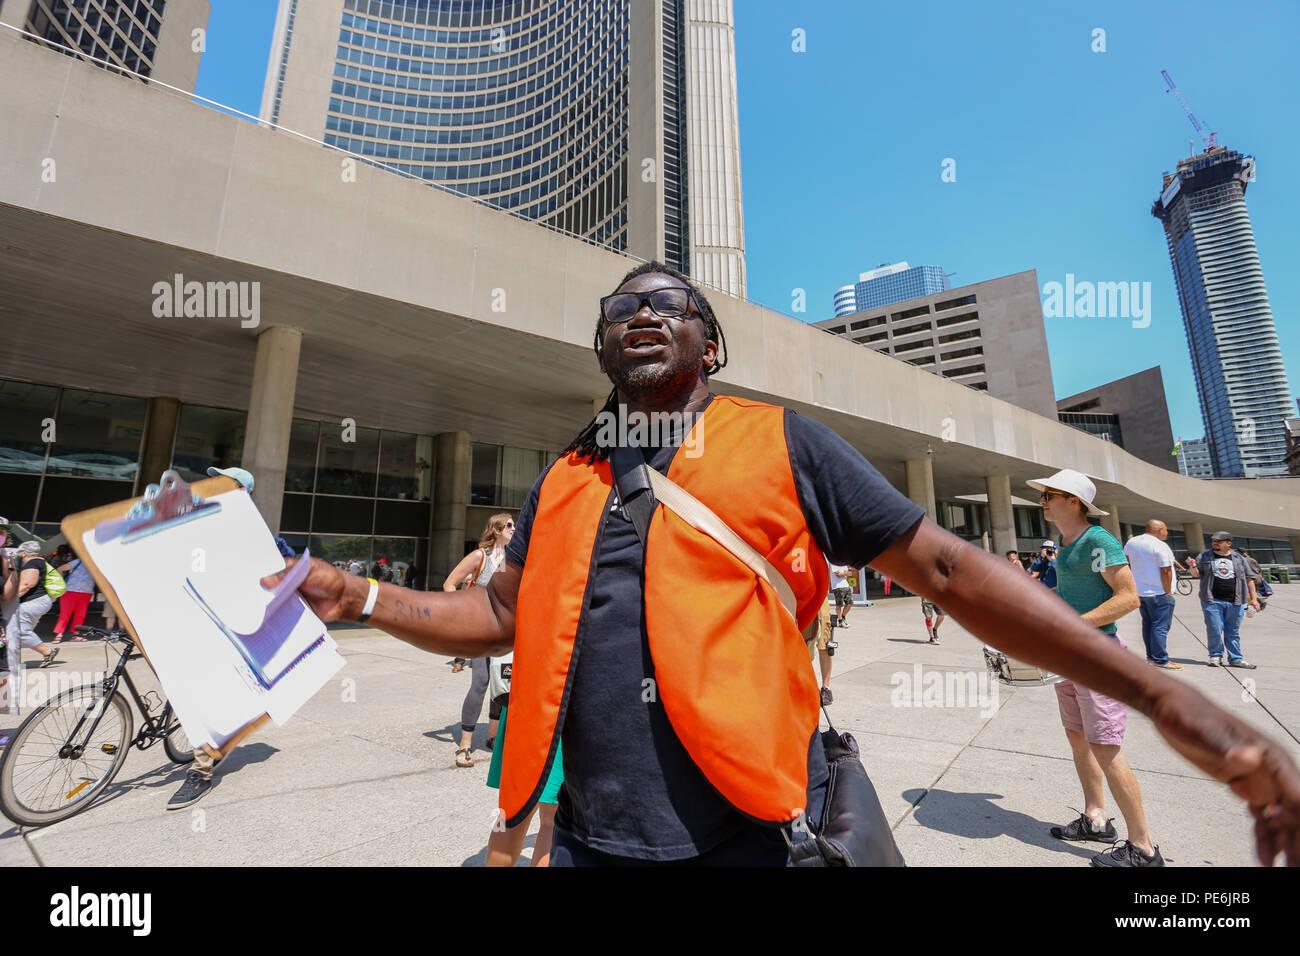 Agosto 11, 2018 - Toronto, Canadá: 'Stop the Hate' anti racismo Rally. Imagen De Stock